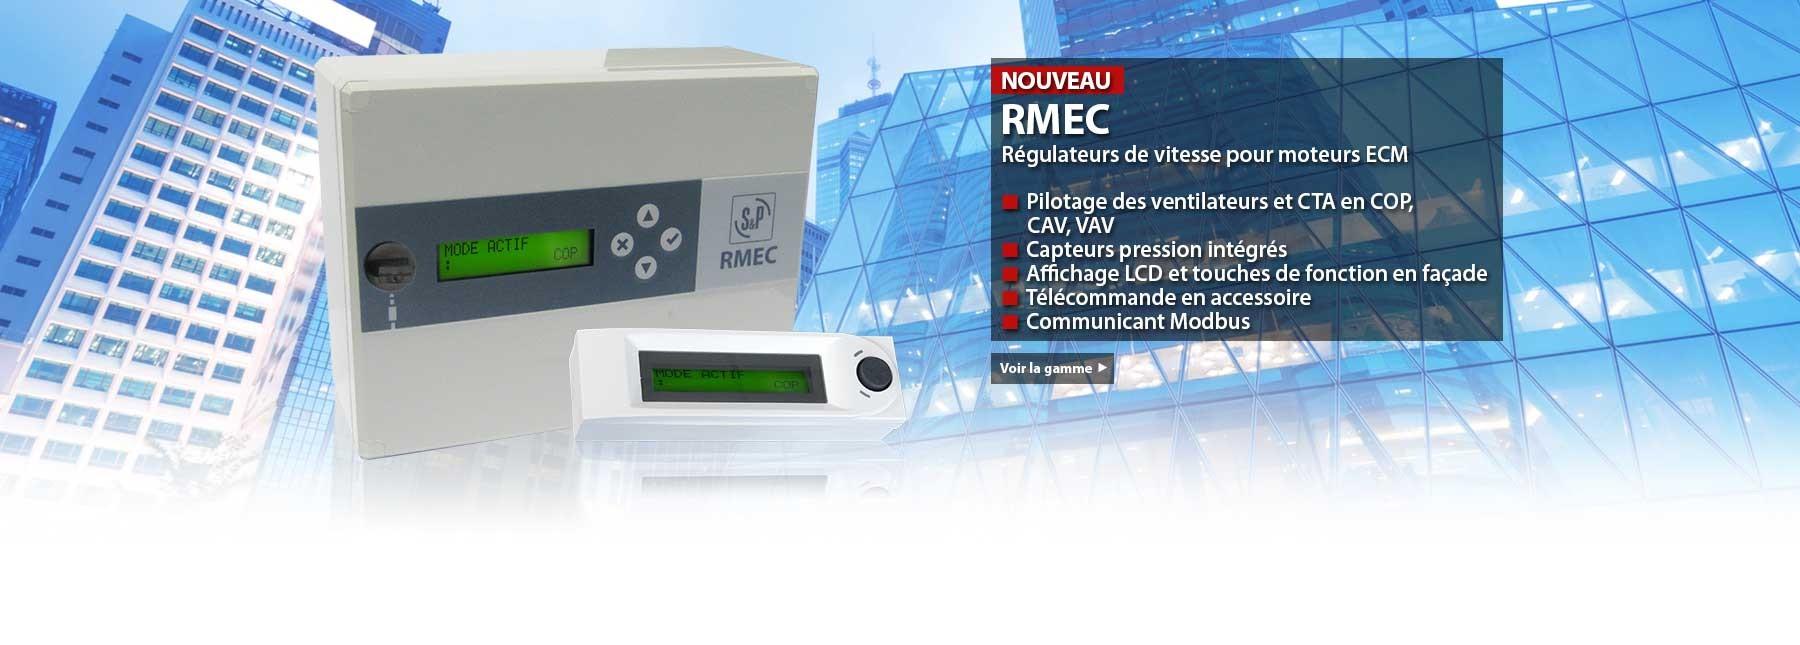 Régulateur de vitesse RMEC